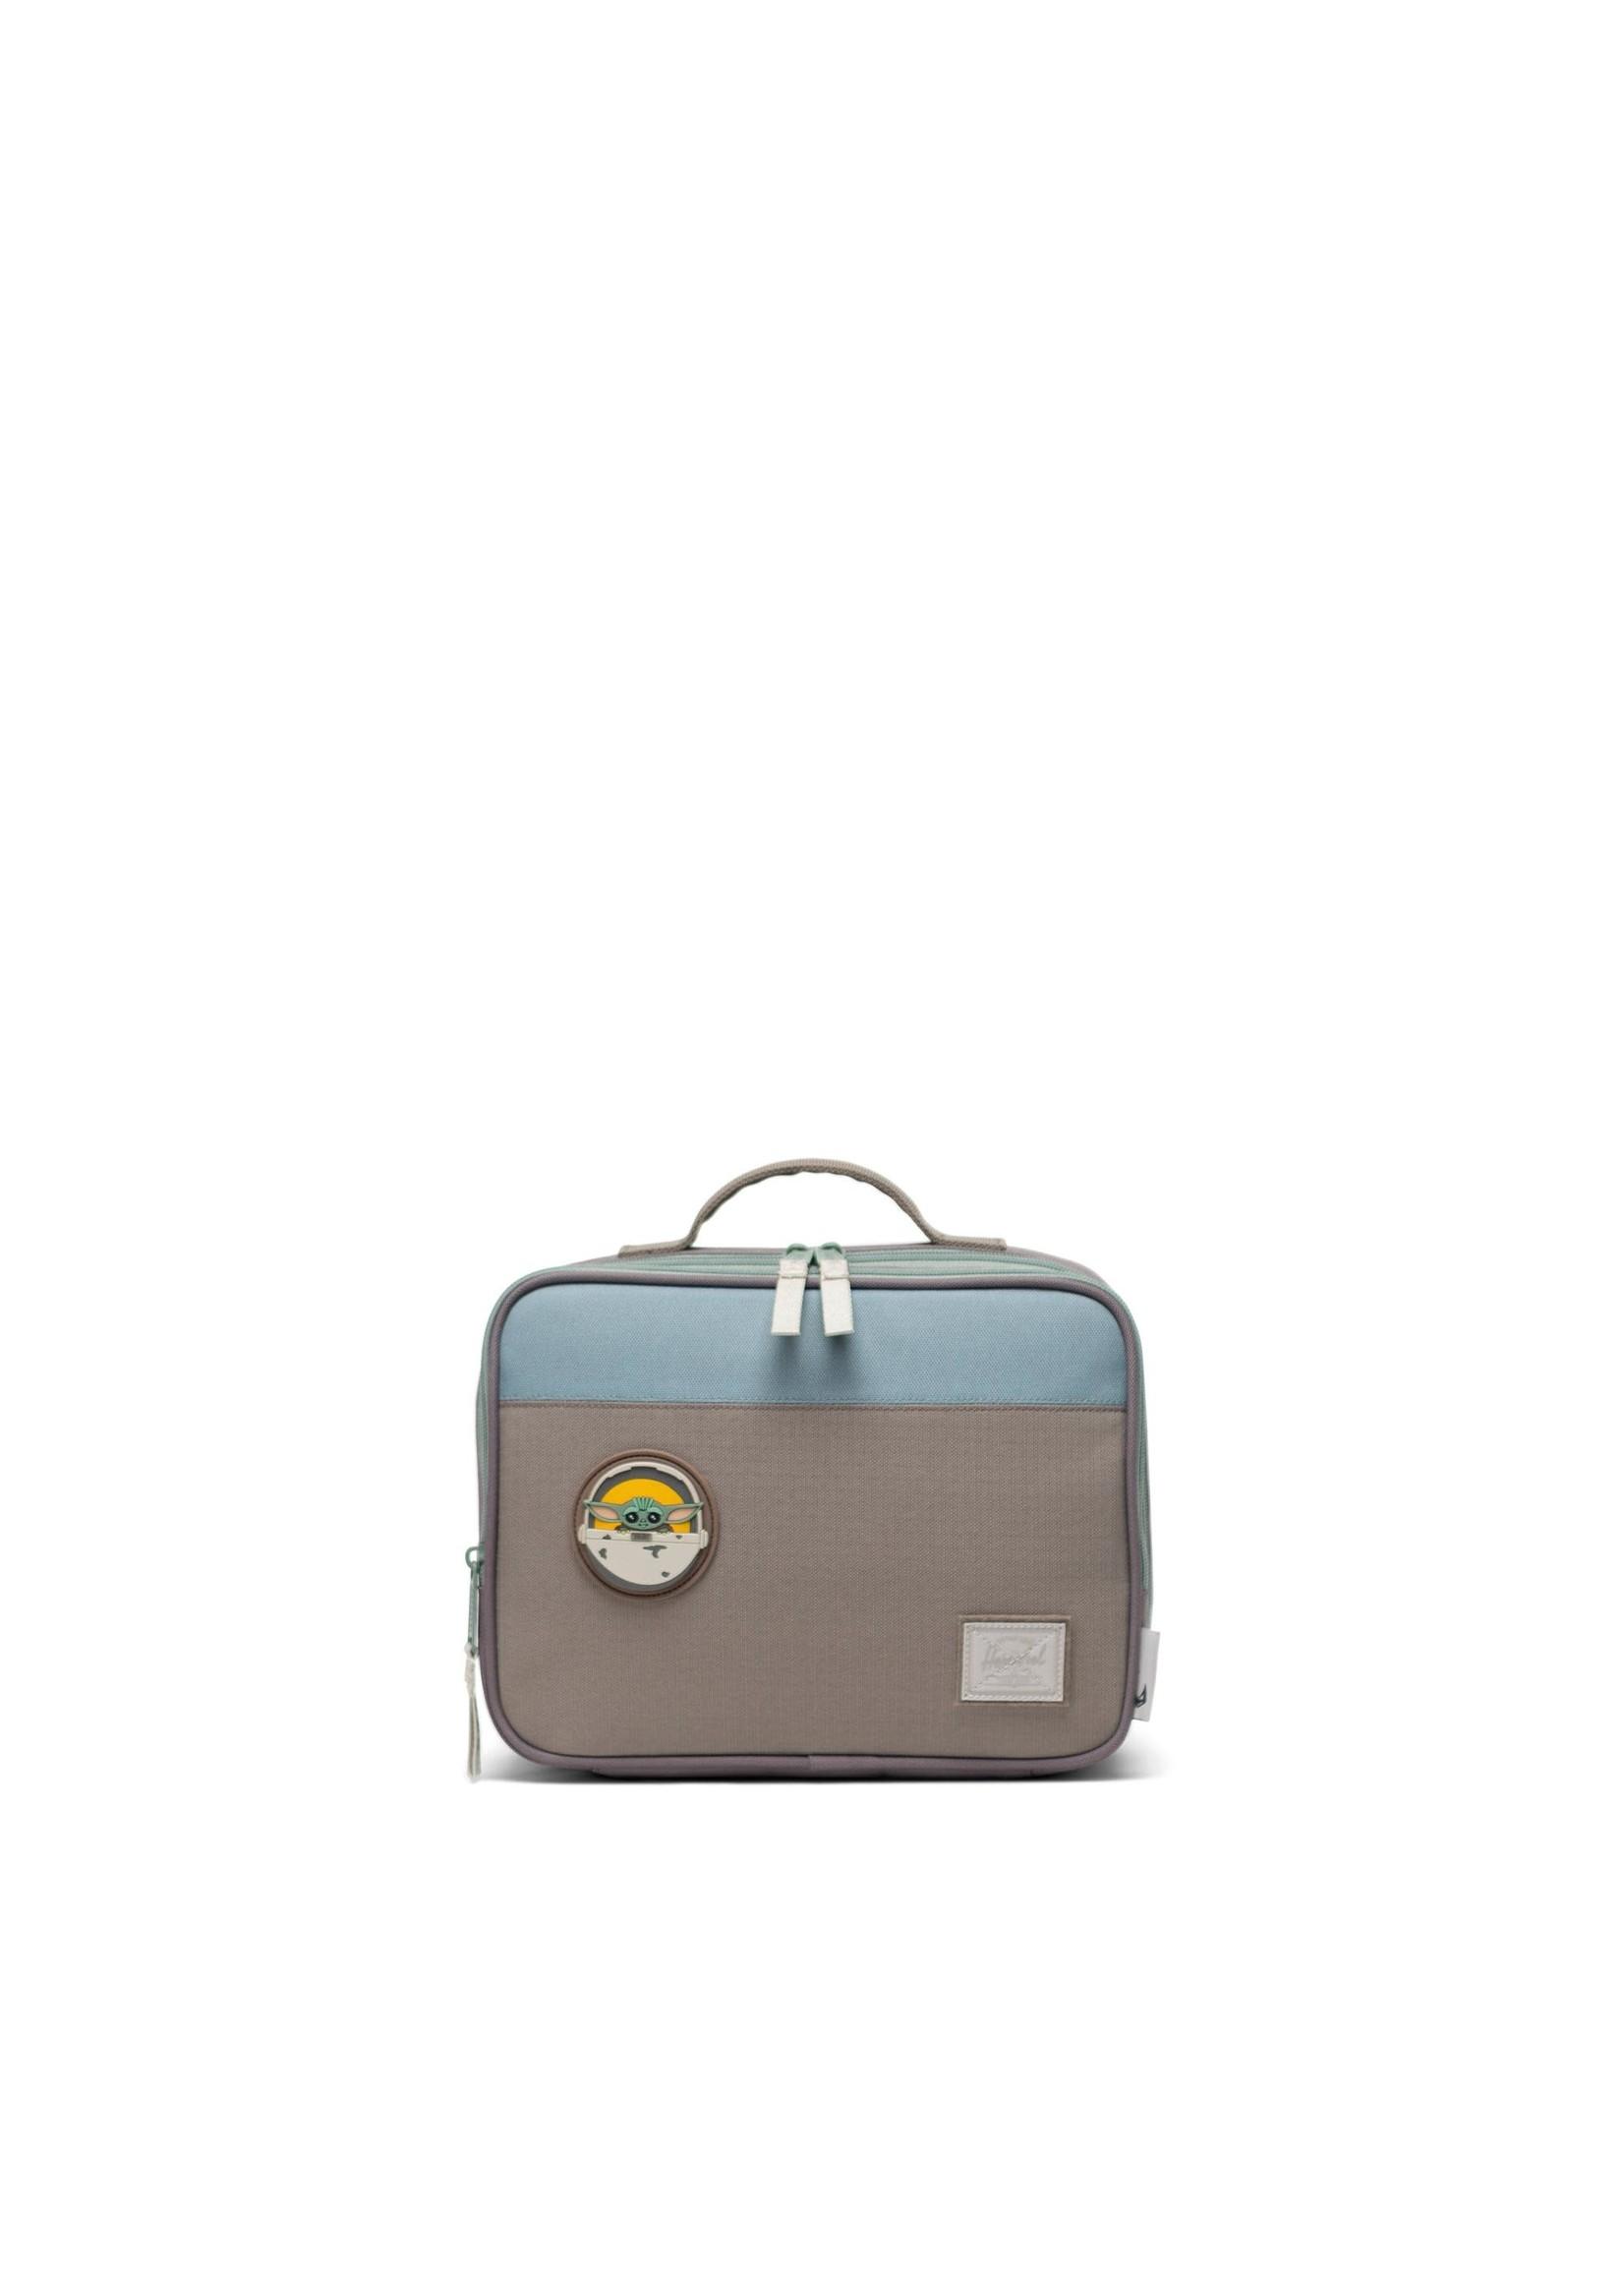 Herschel Supply Co. LH Star Wars Lunch Box